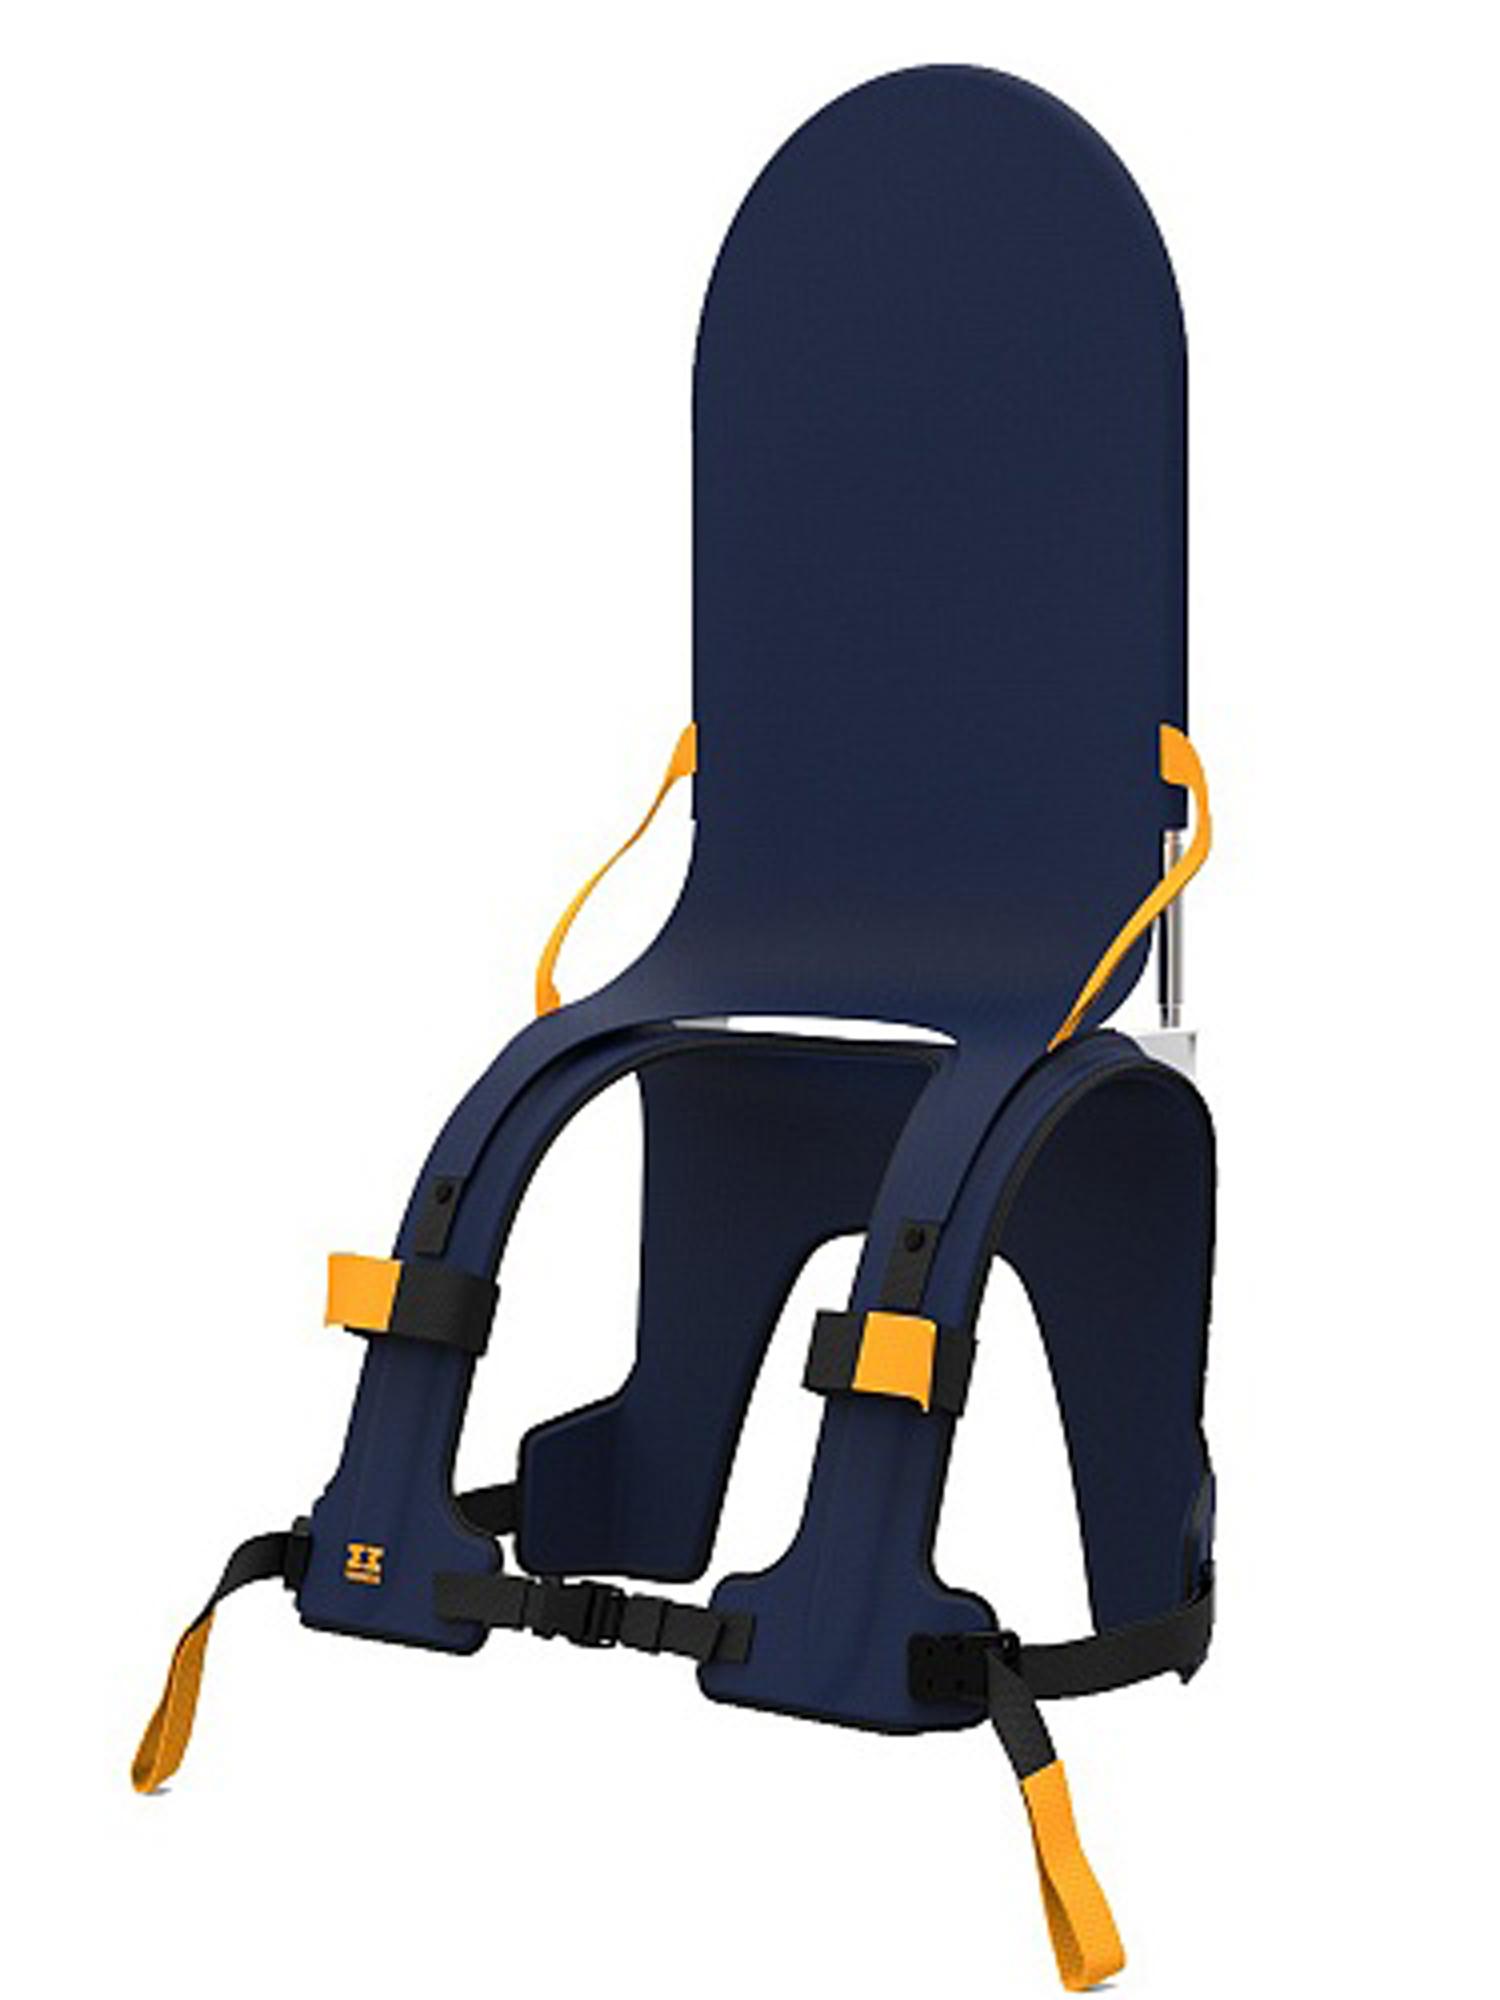 Кресло-рюкзак туристическое метод динамического программирования задача рюкзаке